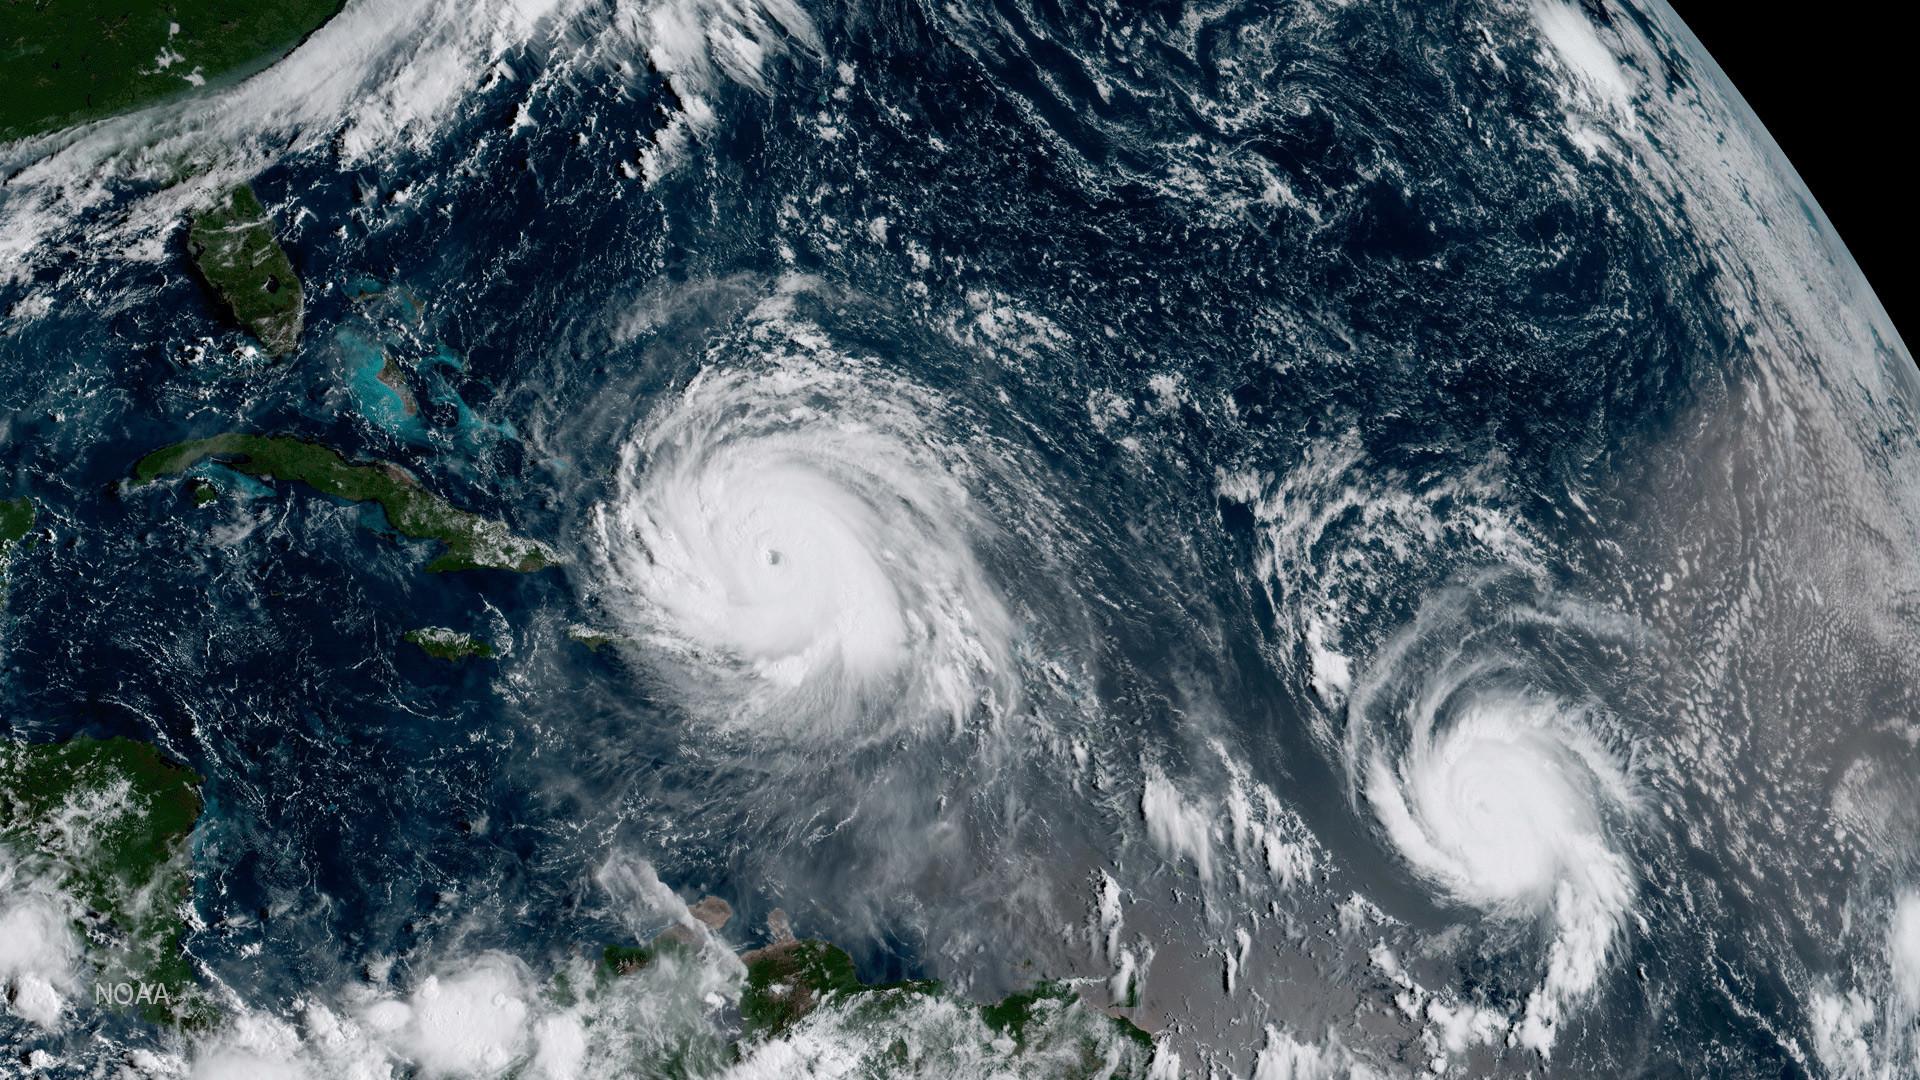 Furacões Irma (esq.) e Jose retratados no Oceano Atlântico, em 7 de setembro de 2017